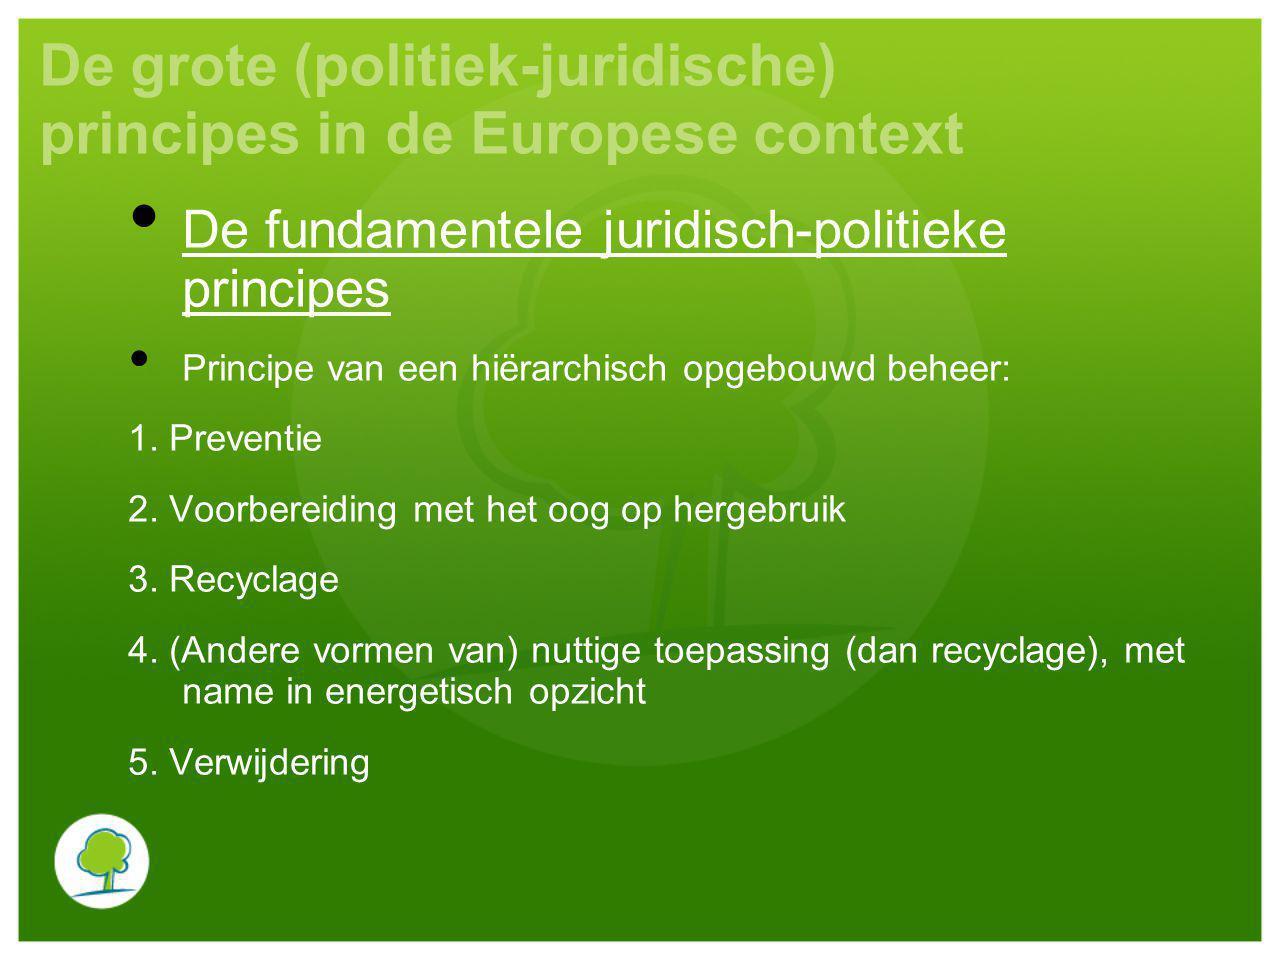 De grote (politiek-juridische) principes in de Europese context De fundamentele juridisch-politieke principes Principe van een hiërarchisch opgebouwd